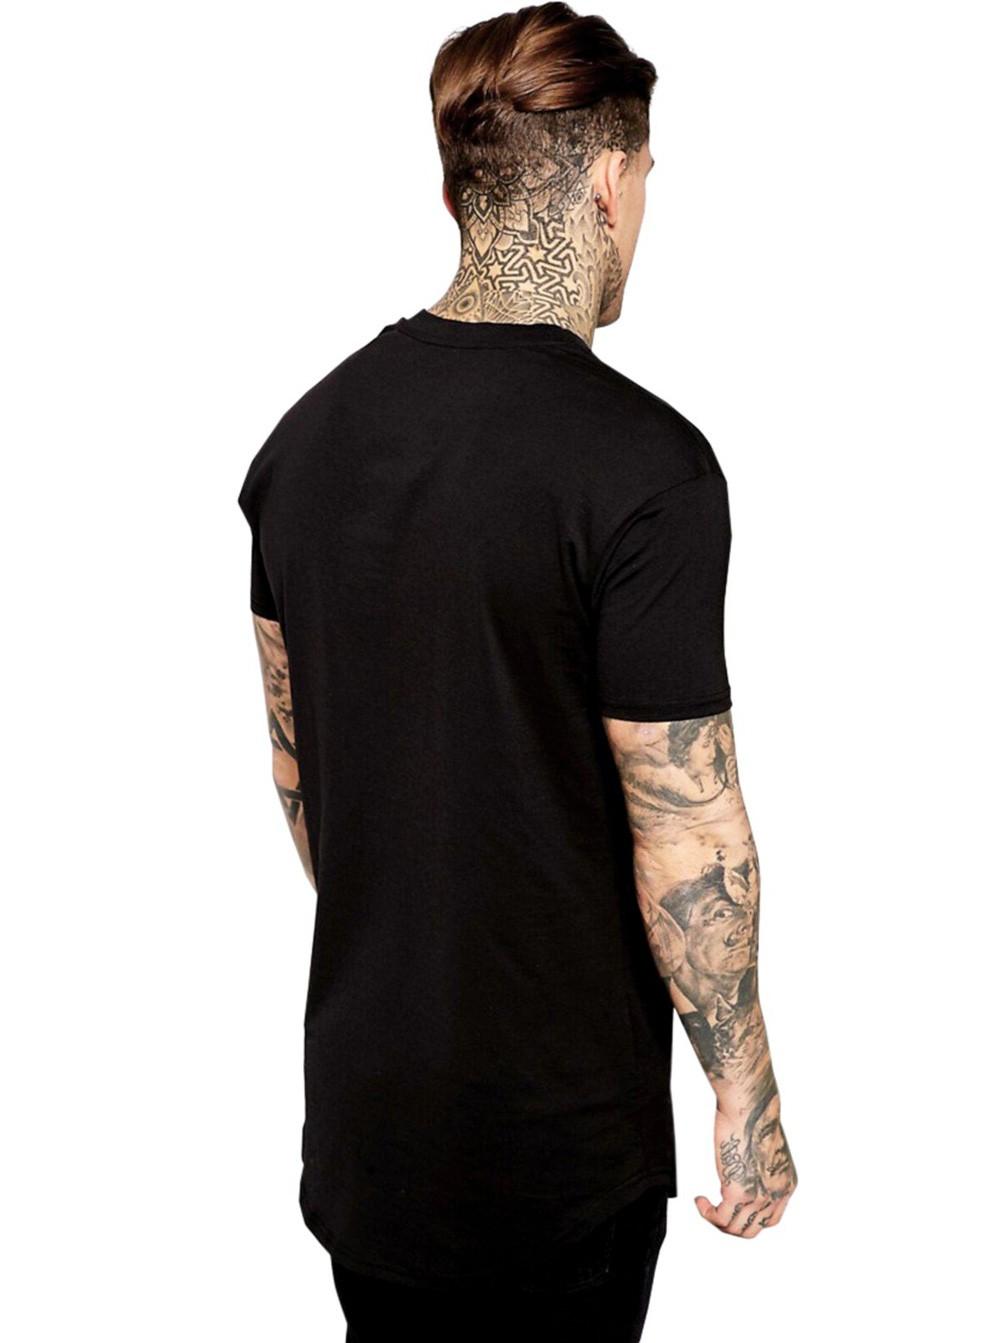 Camiseta Masculina Oversized Long Line Alien I Want to Believe ER_034